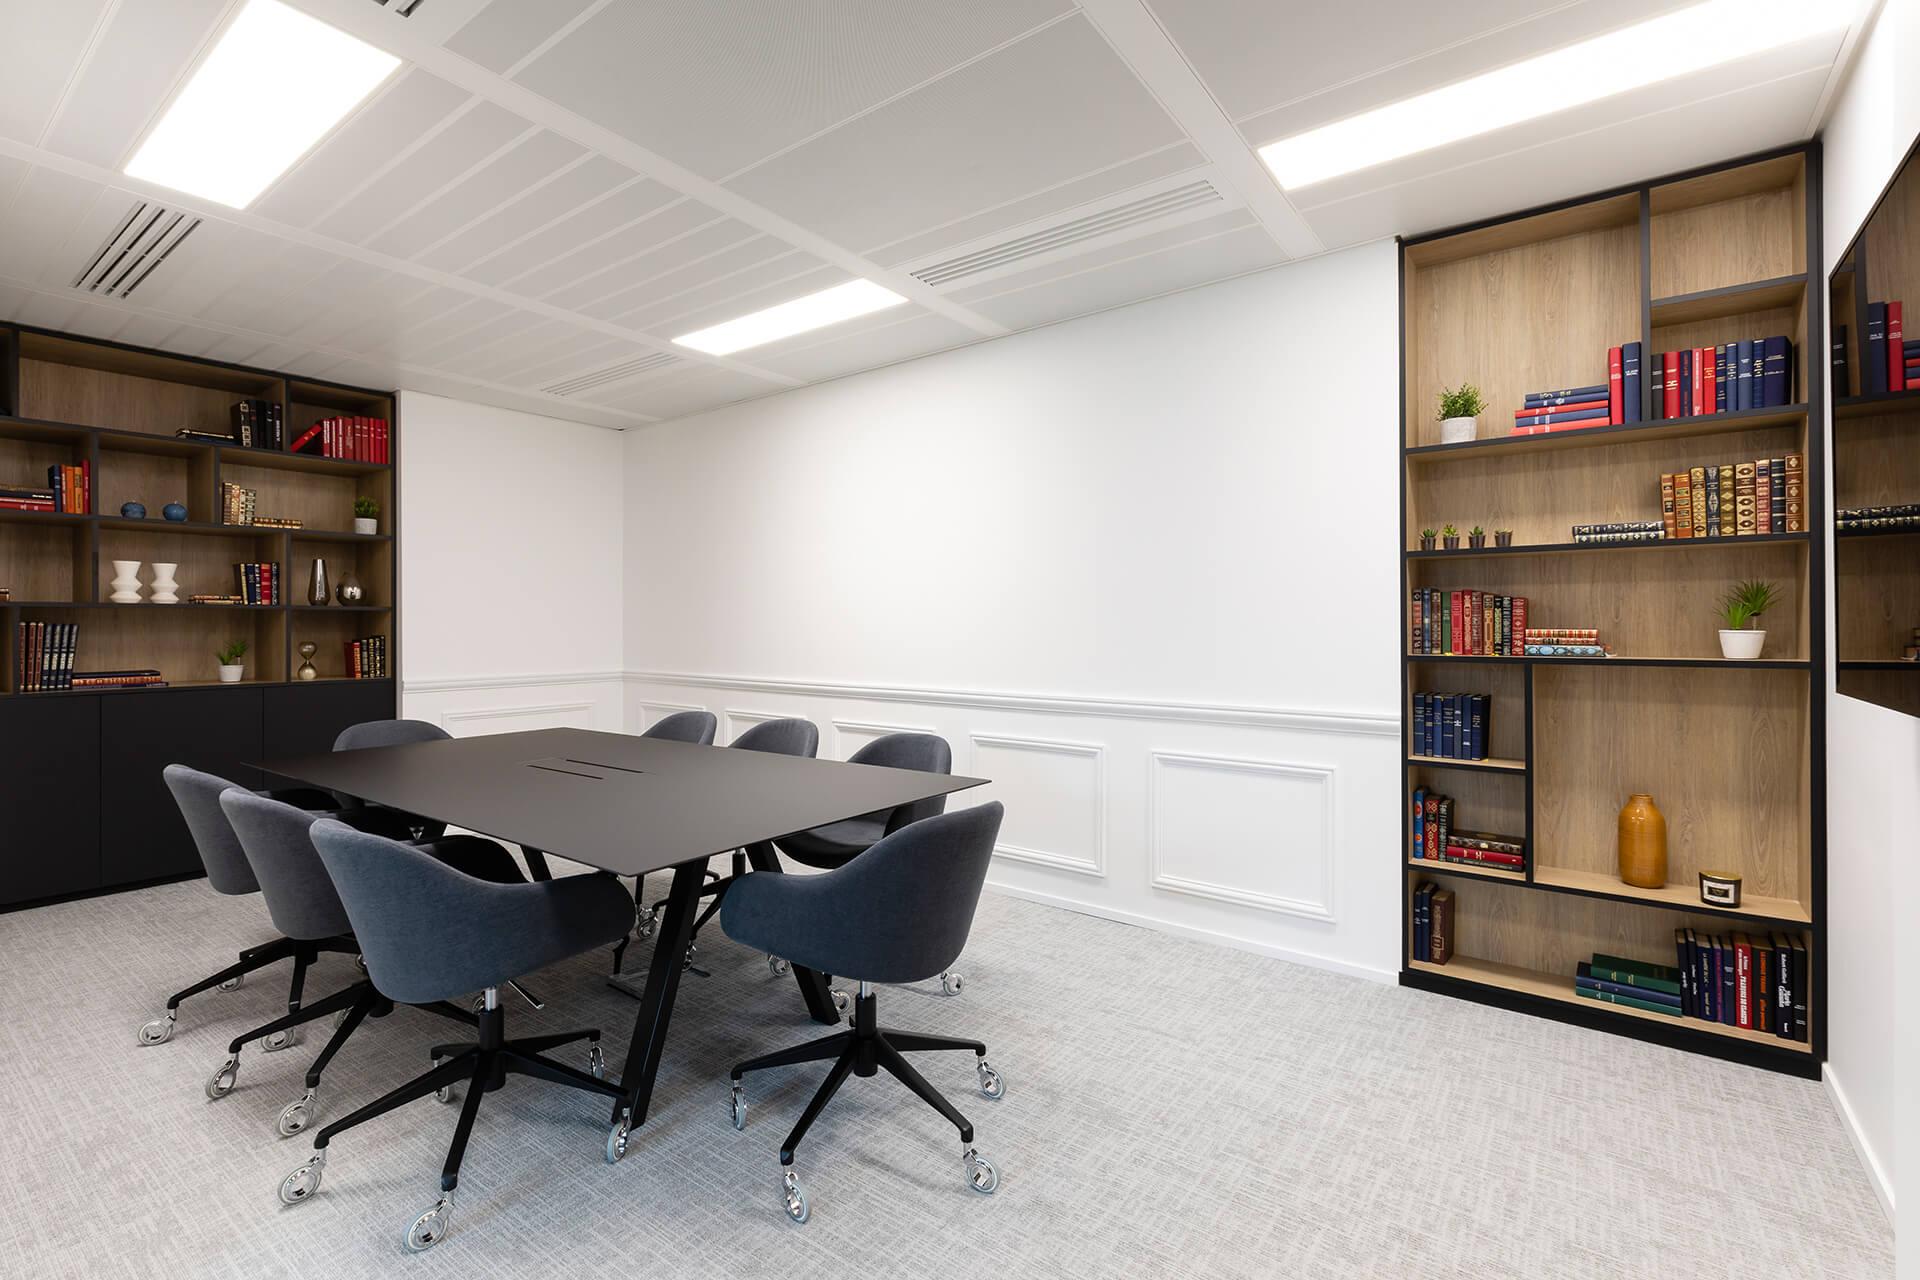 espaço de reuniões de centro de negócios com mobiliário em madeira preta